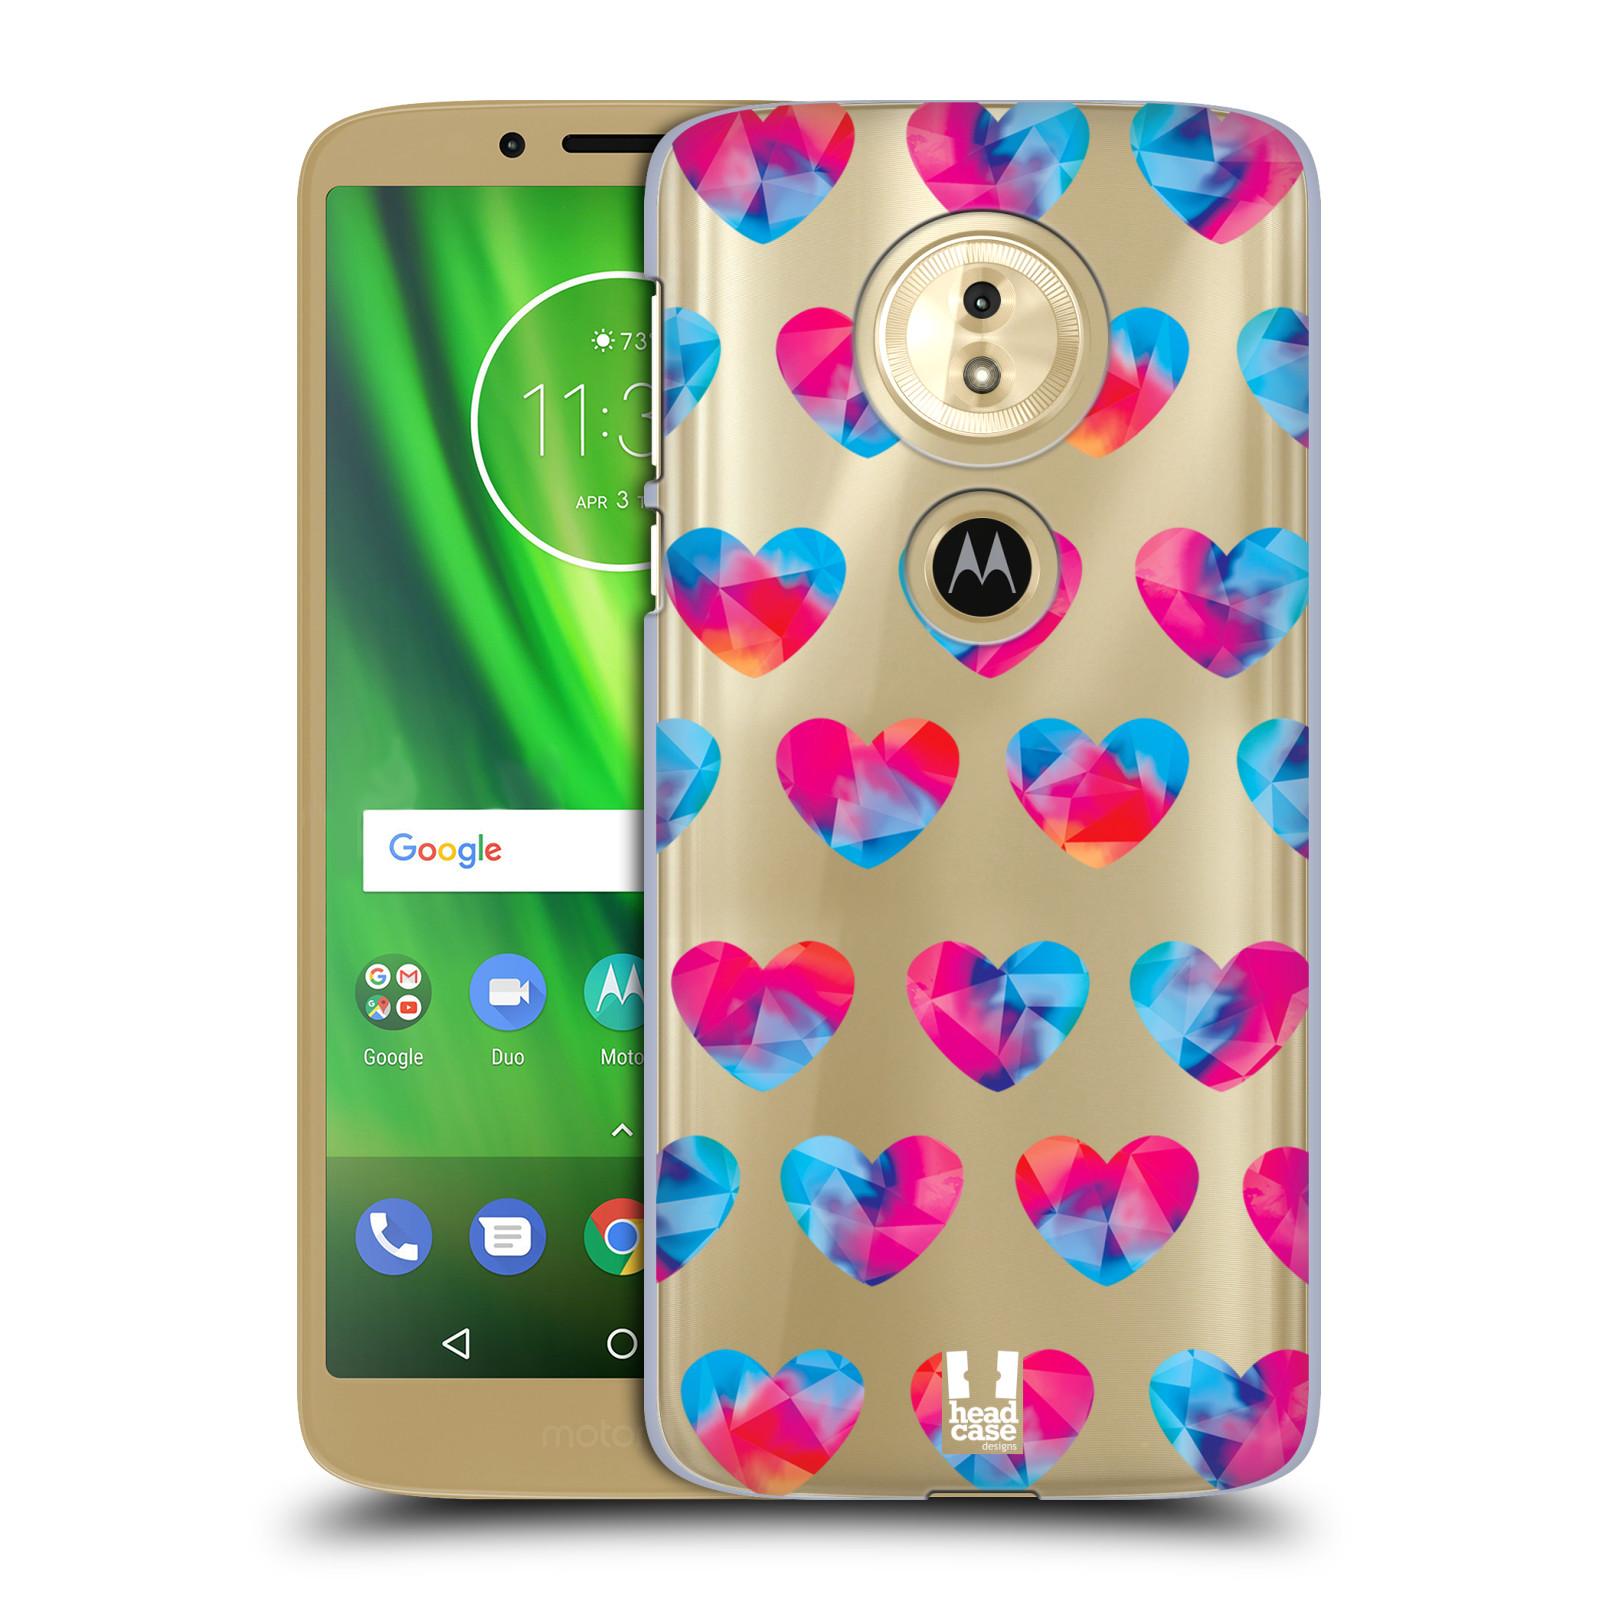 Plastové pouzdro na mobil Motorola Moto G6 Play - Head Case - Srdíčka hrající barvami